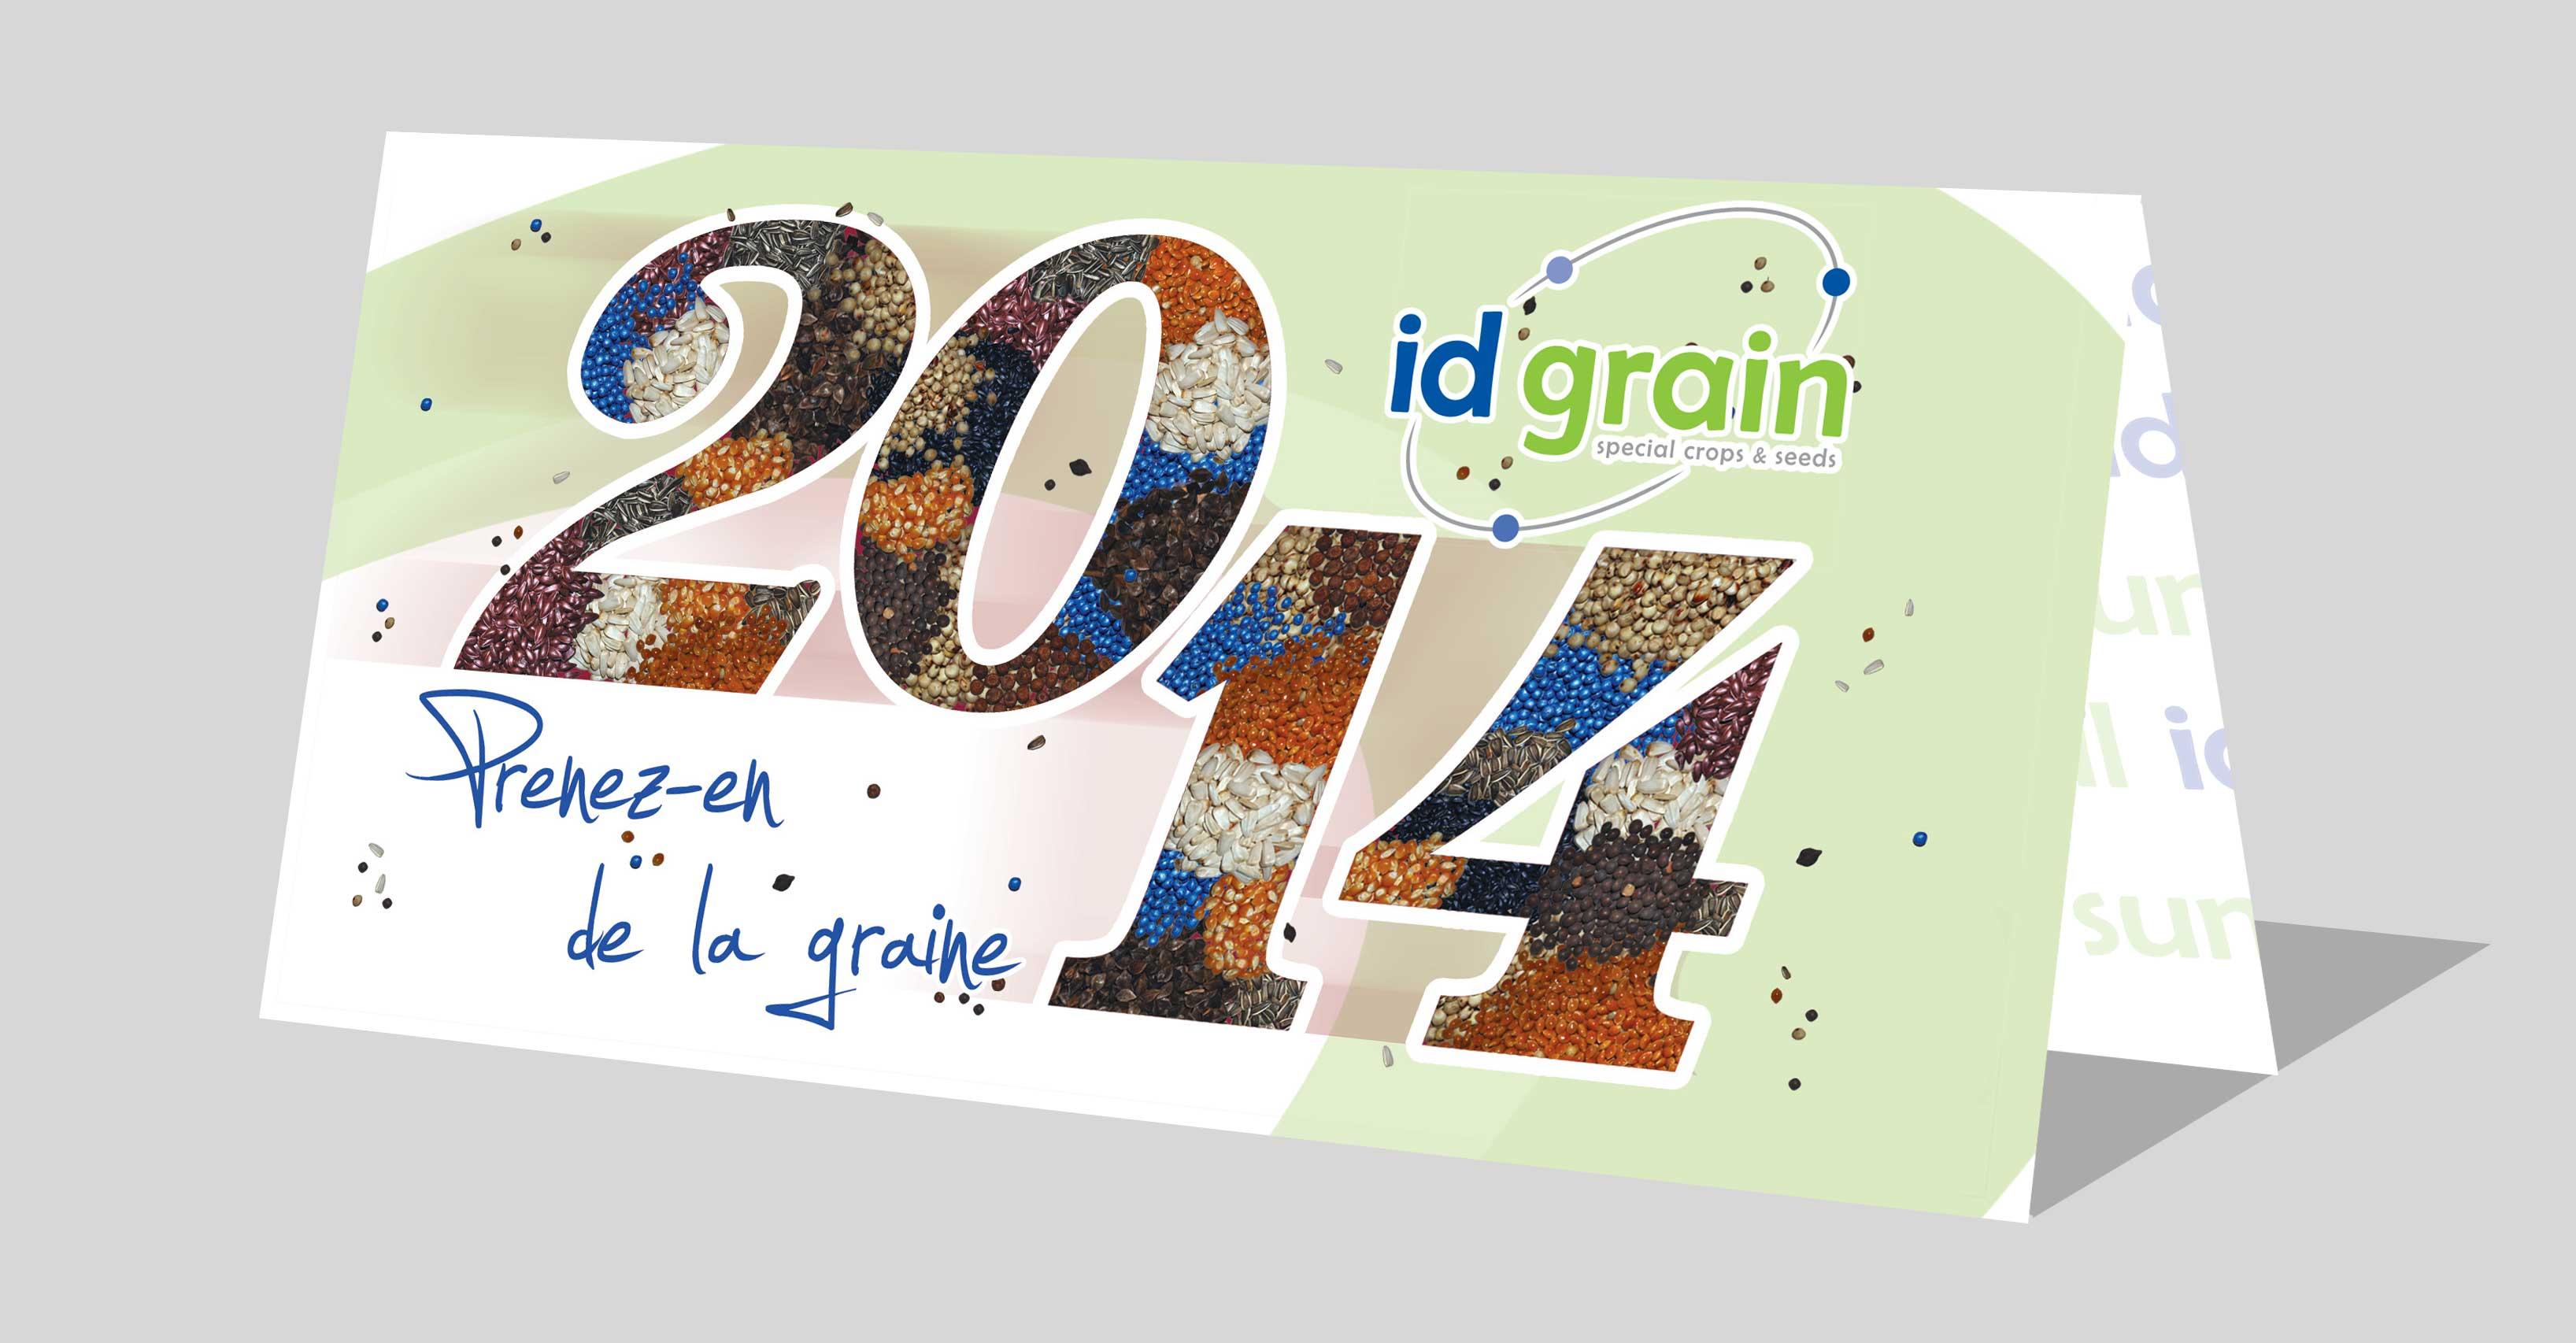 Carte de voeux Id grain - - Mw communication - Graphiste Webmaster Montauban Toulouse